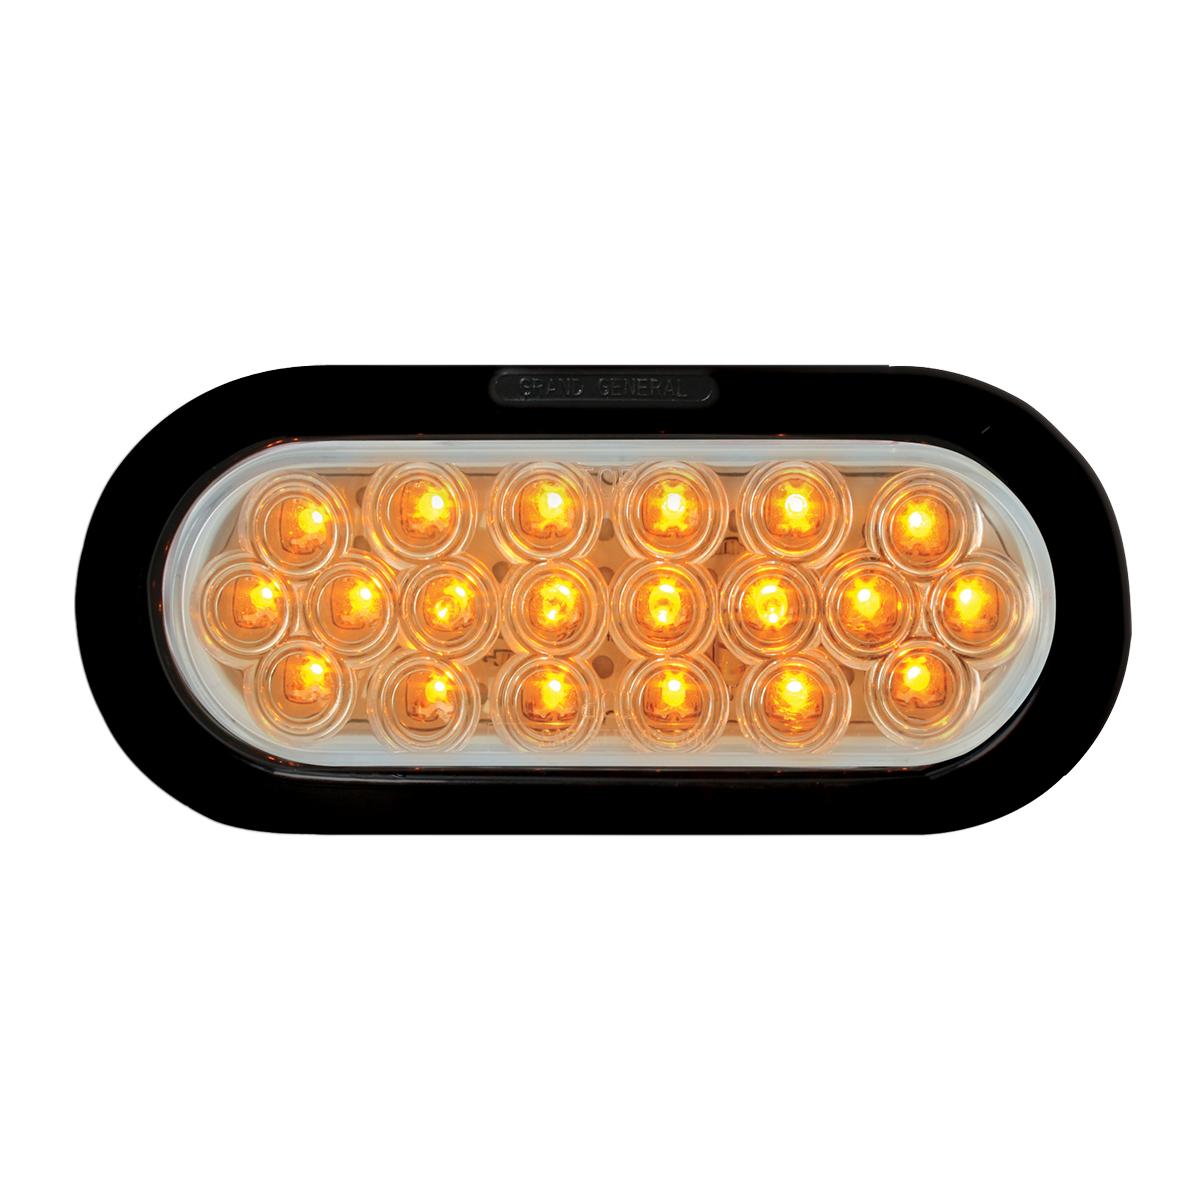 87726 Oval Fleet LED Light w/ Black Rubber Grommet